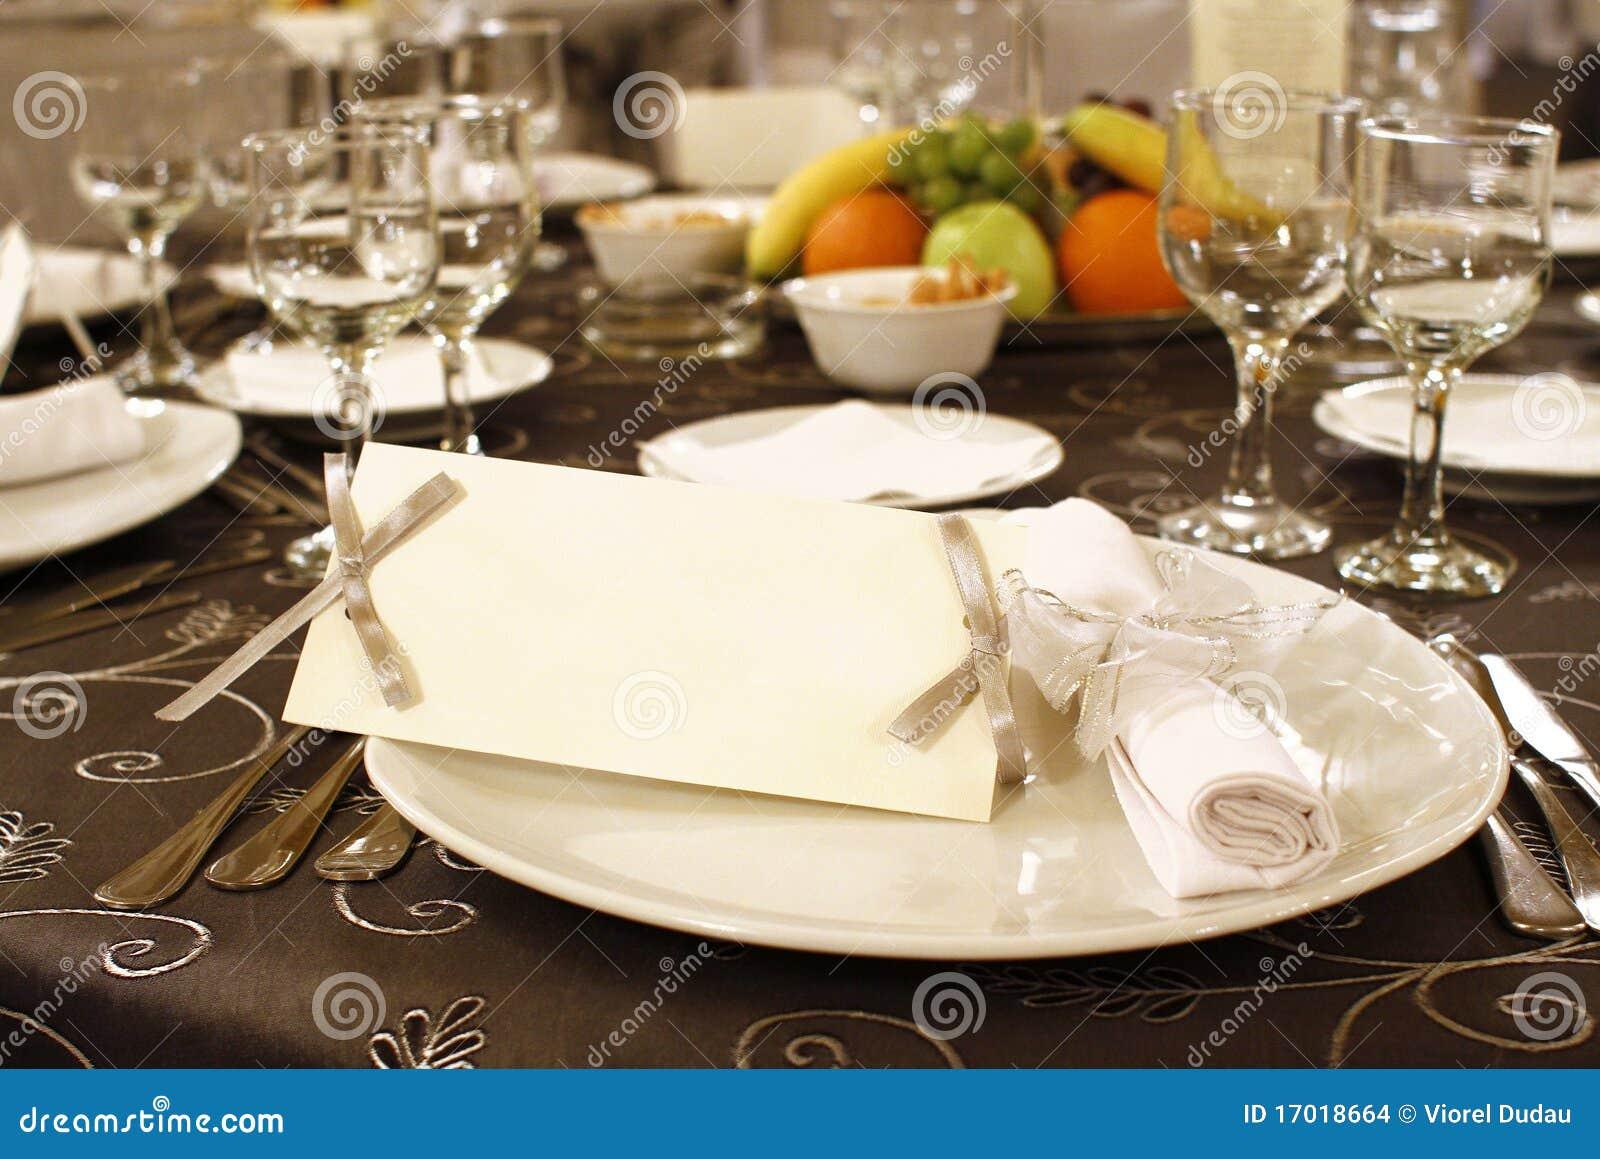 För inbjudantabell för ordning blankt bröllop